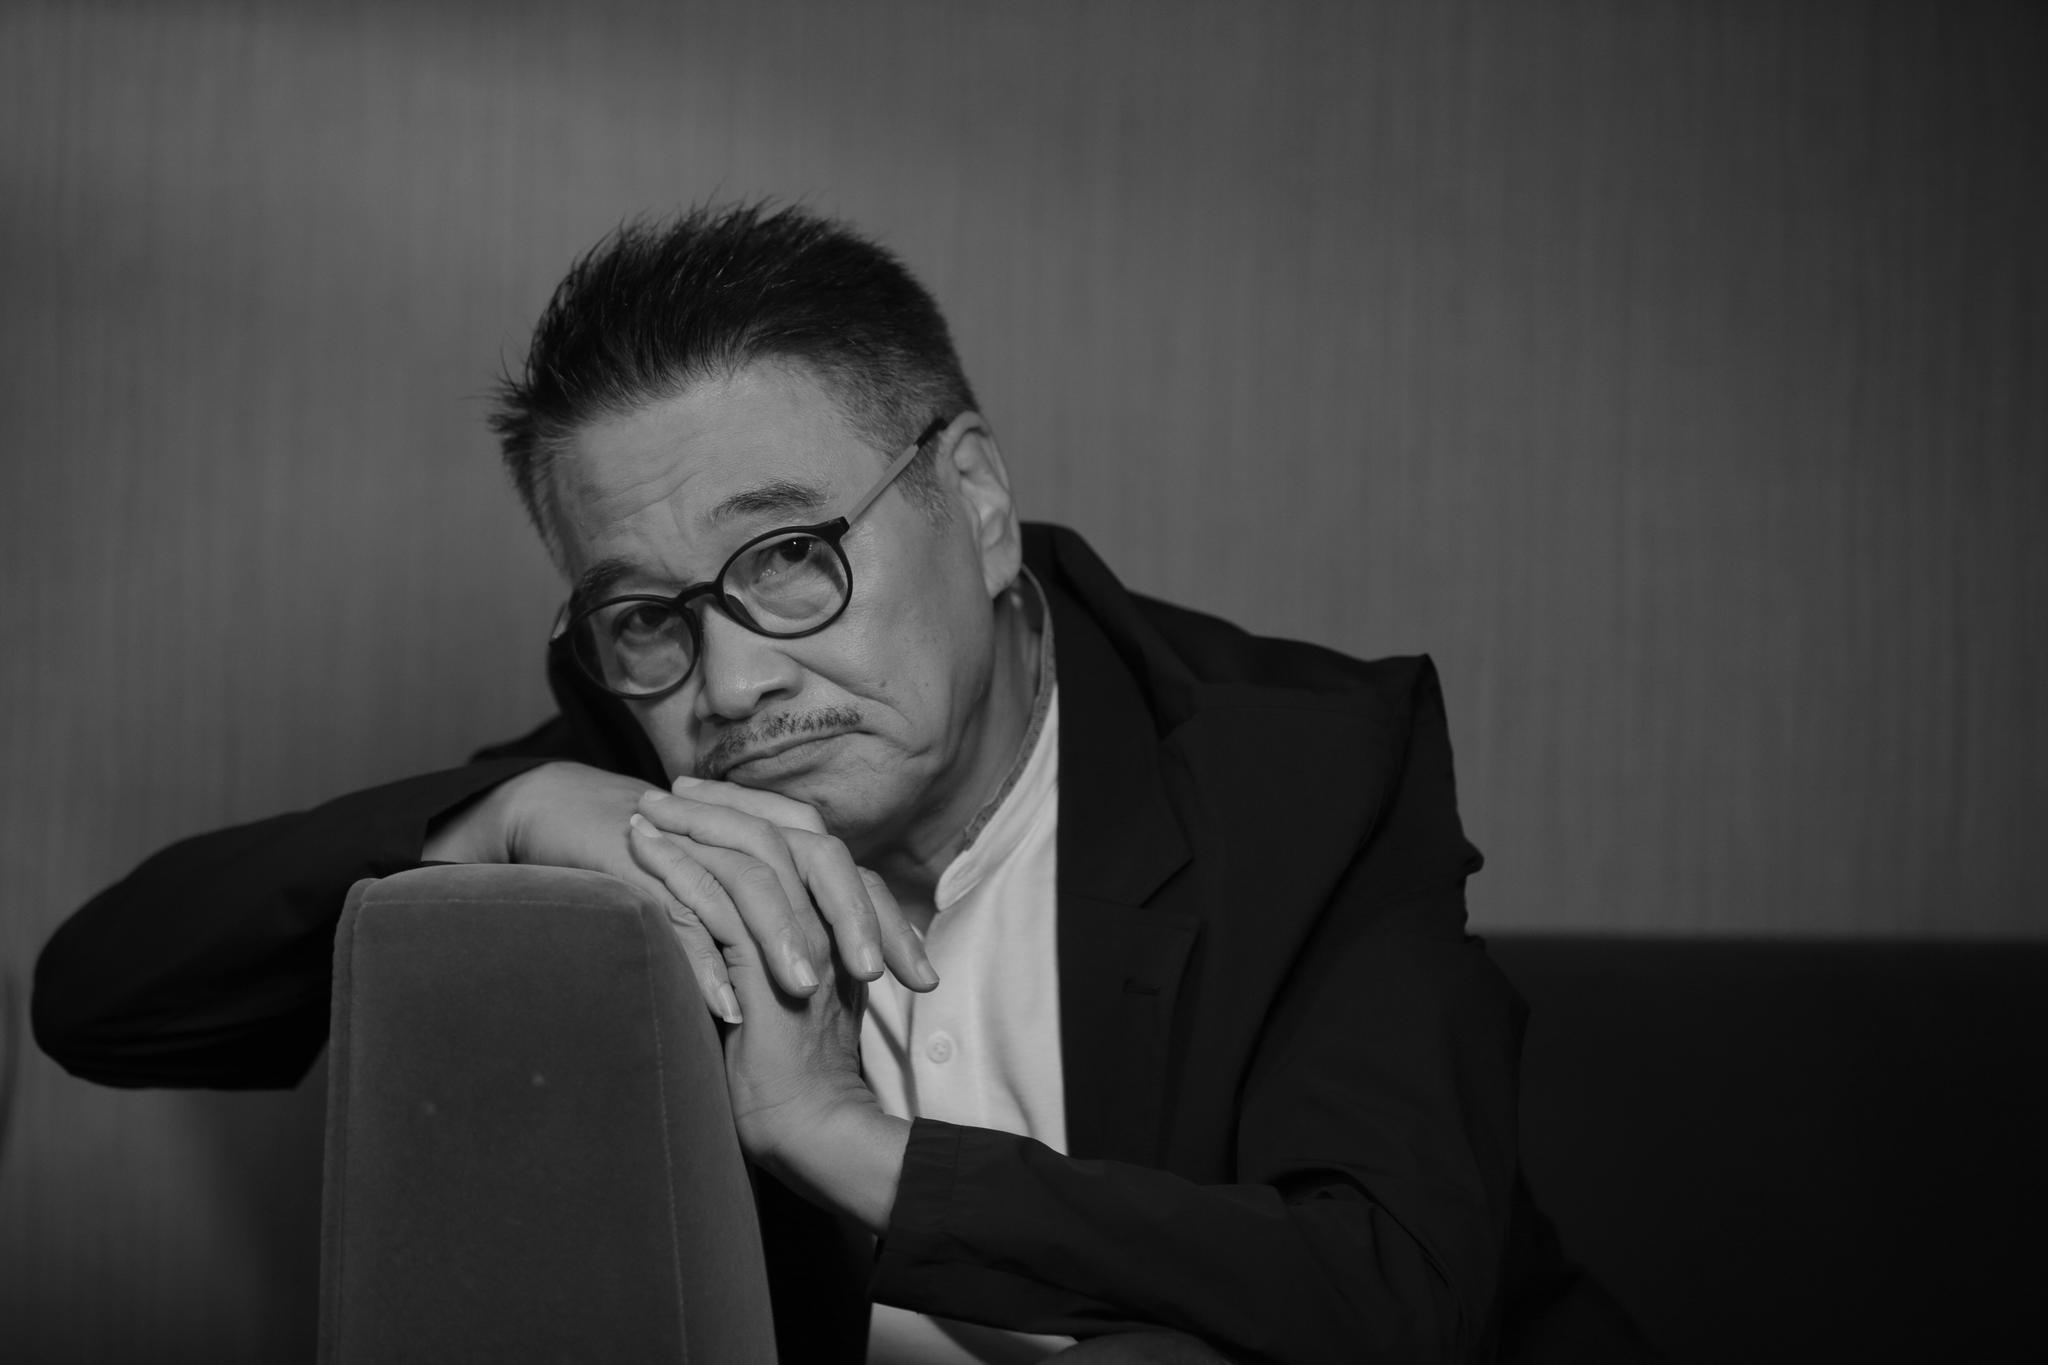 2018年8月吴孟达在京接受新京报记者采访。资料图片/朱骏 摄